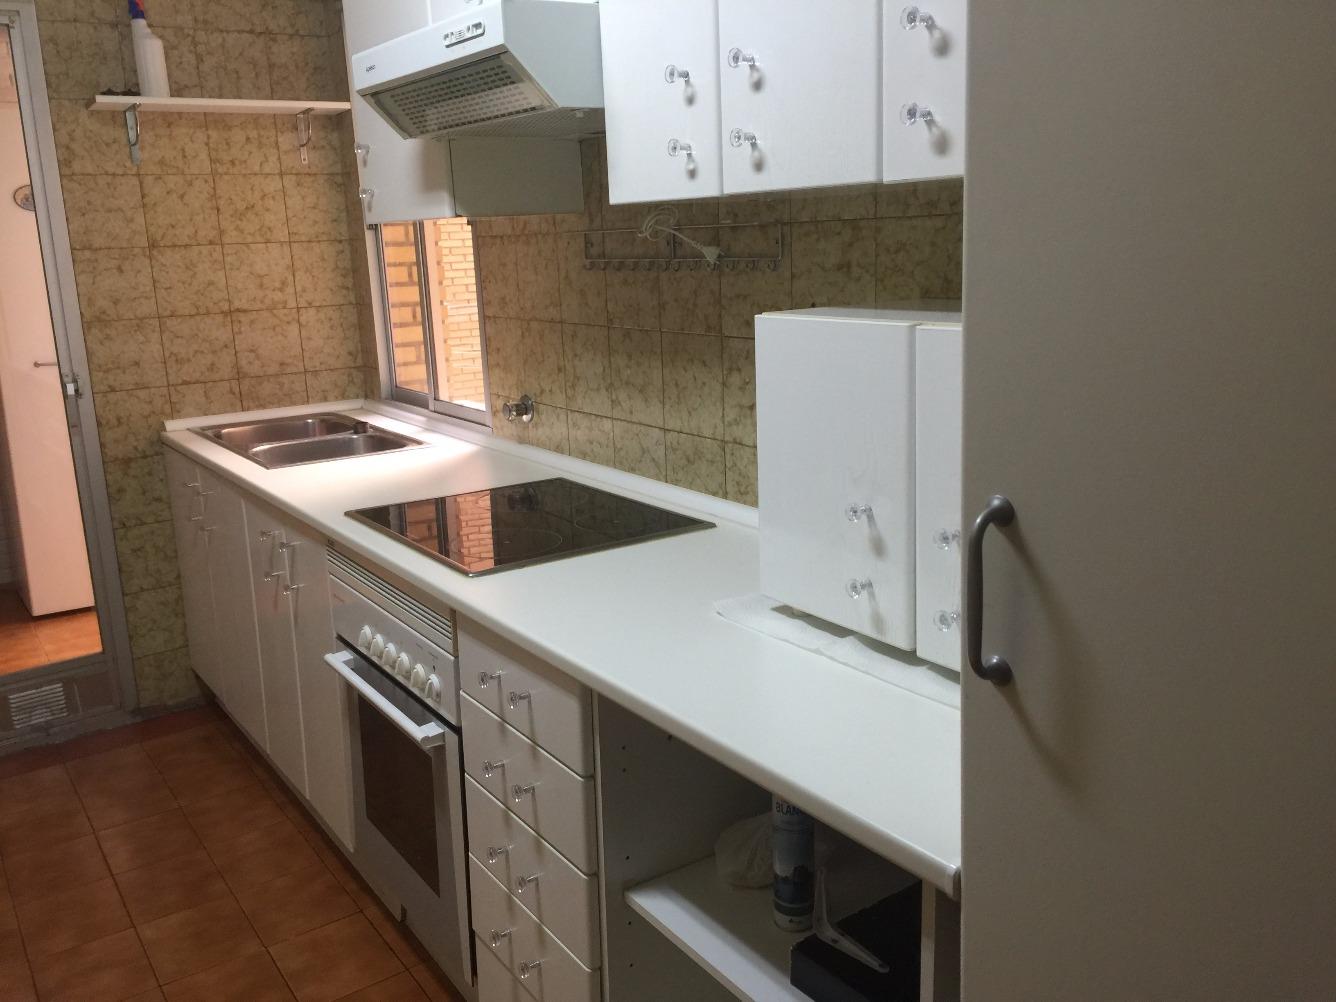 Muebles de cocina de segunda mano las palmas for Cocina bar segunda mano